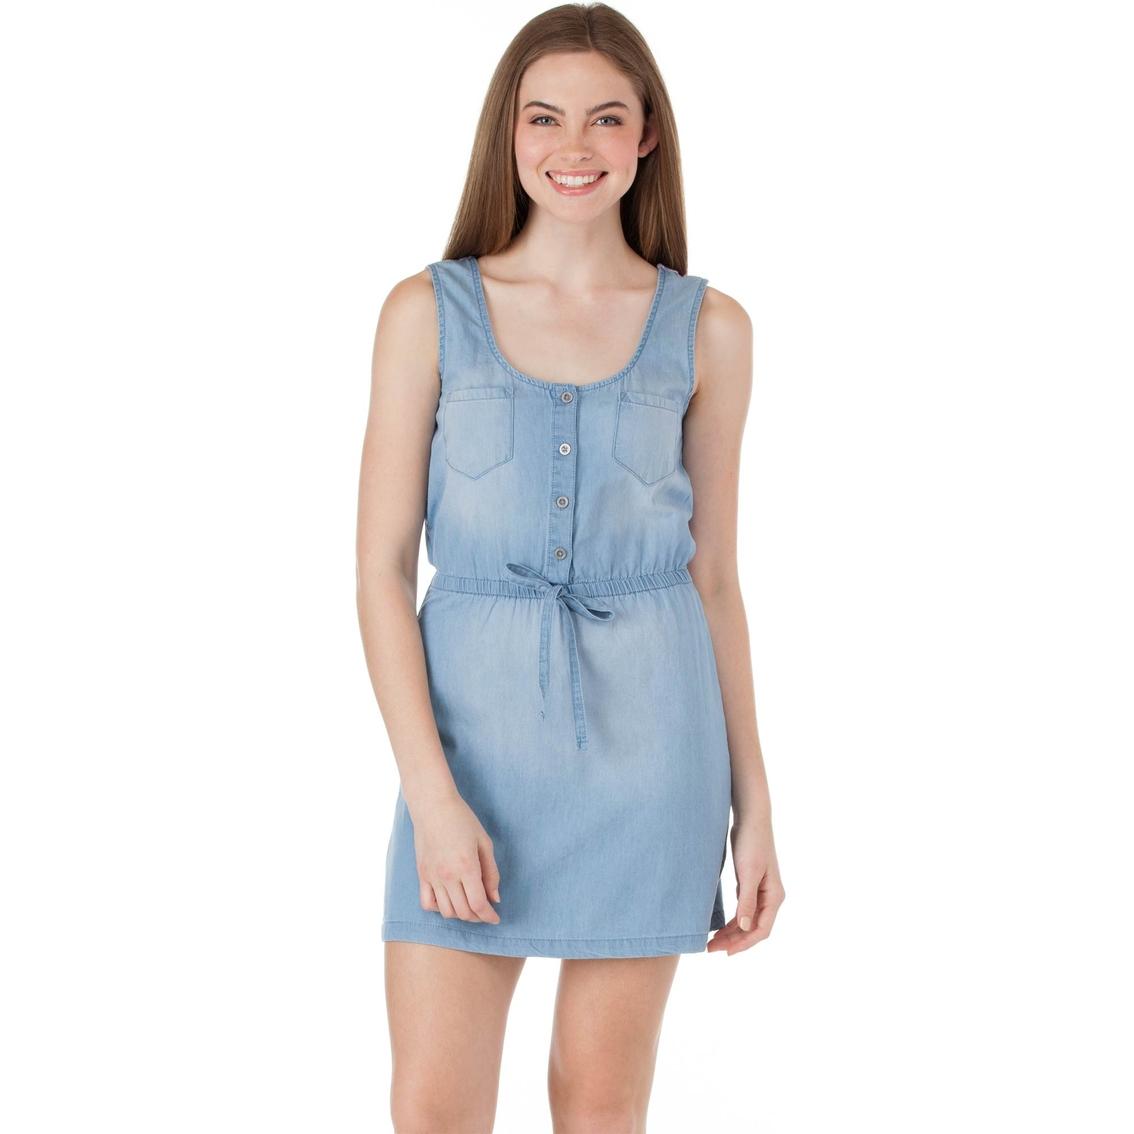 19460765524 Derek Heart Juniors Denim Dress With Crochet Back Yoke Dresses